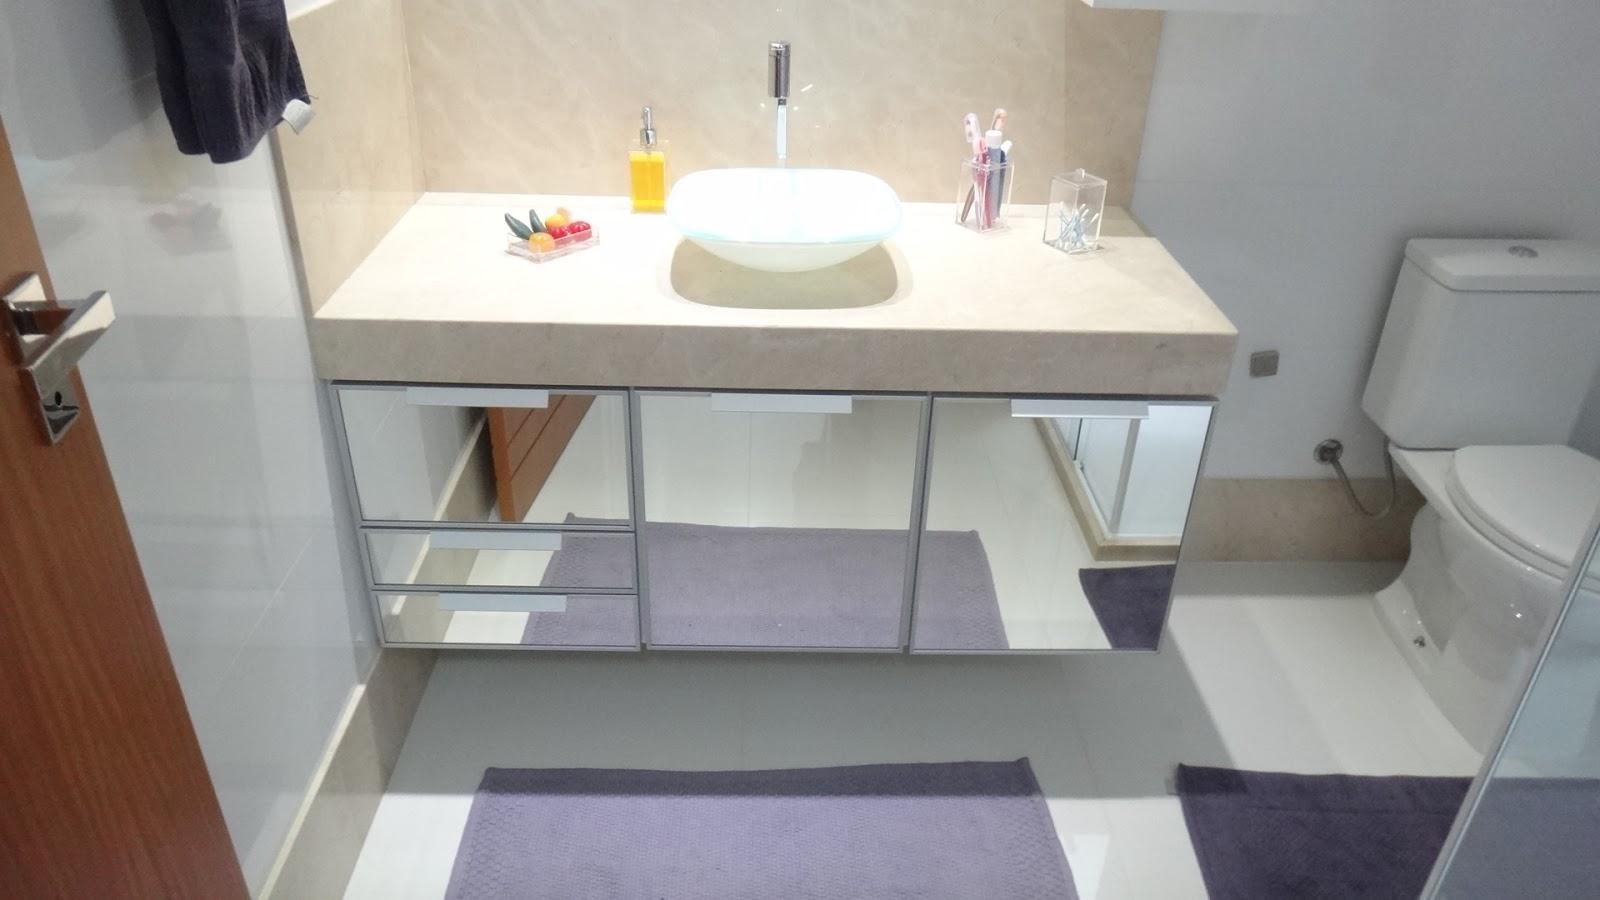 Belenetto Marcenaria Personalizada: Banheiro portas espelhadas e  #643C2A 1600x900 Banheiro Com Banheira De Alvenaria